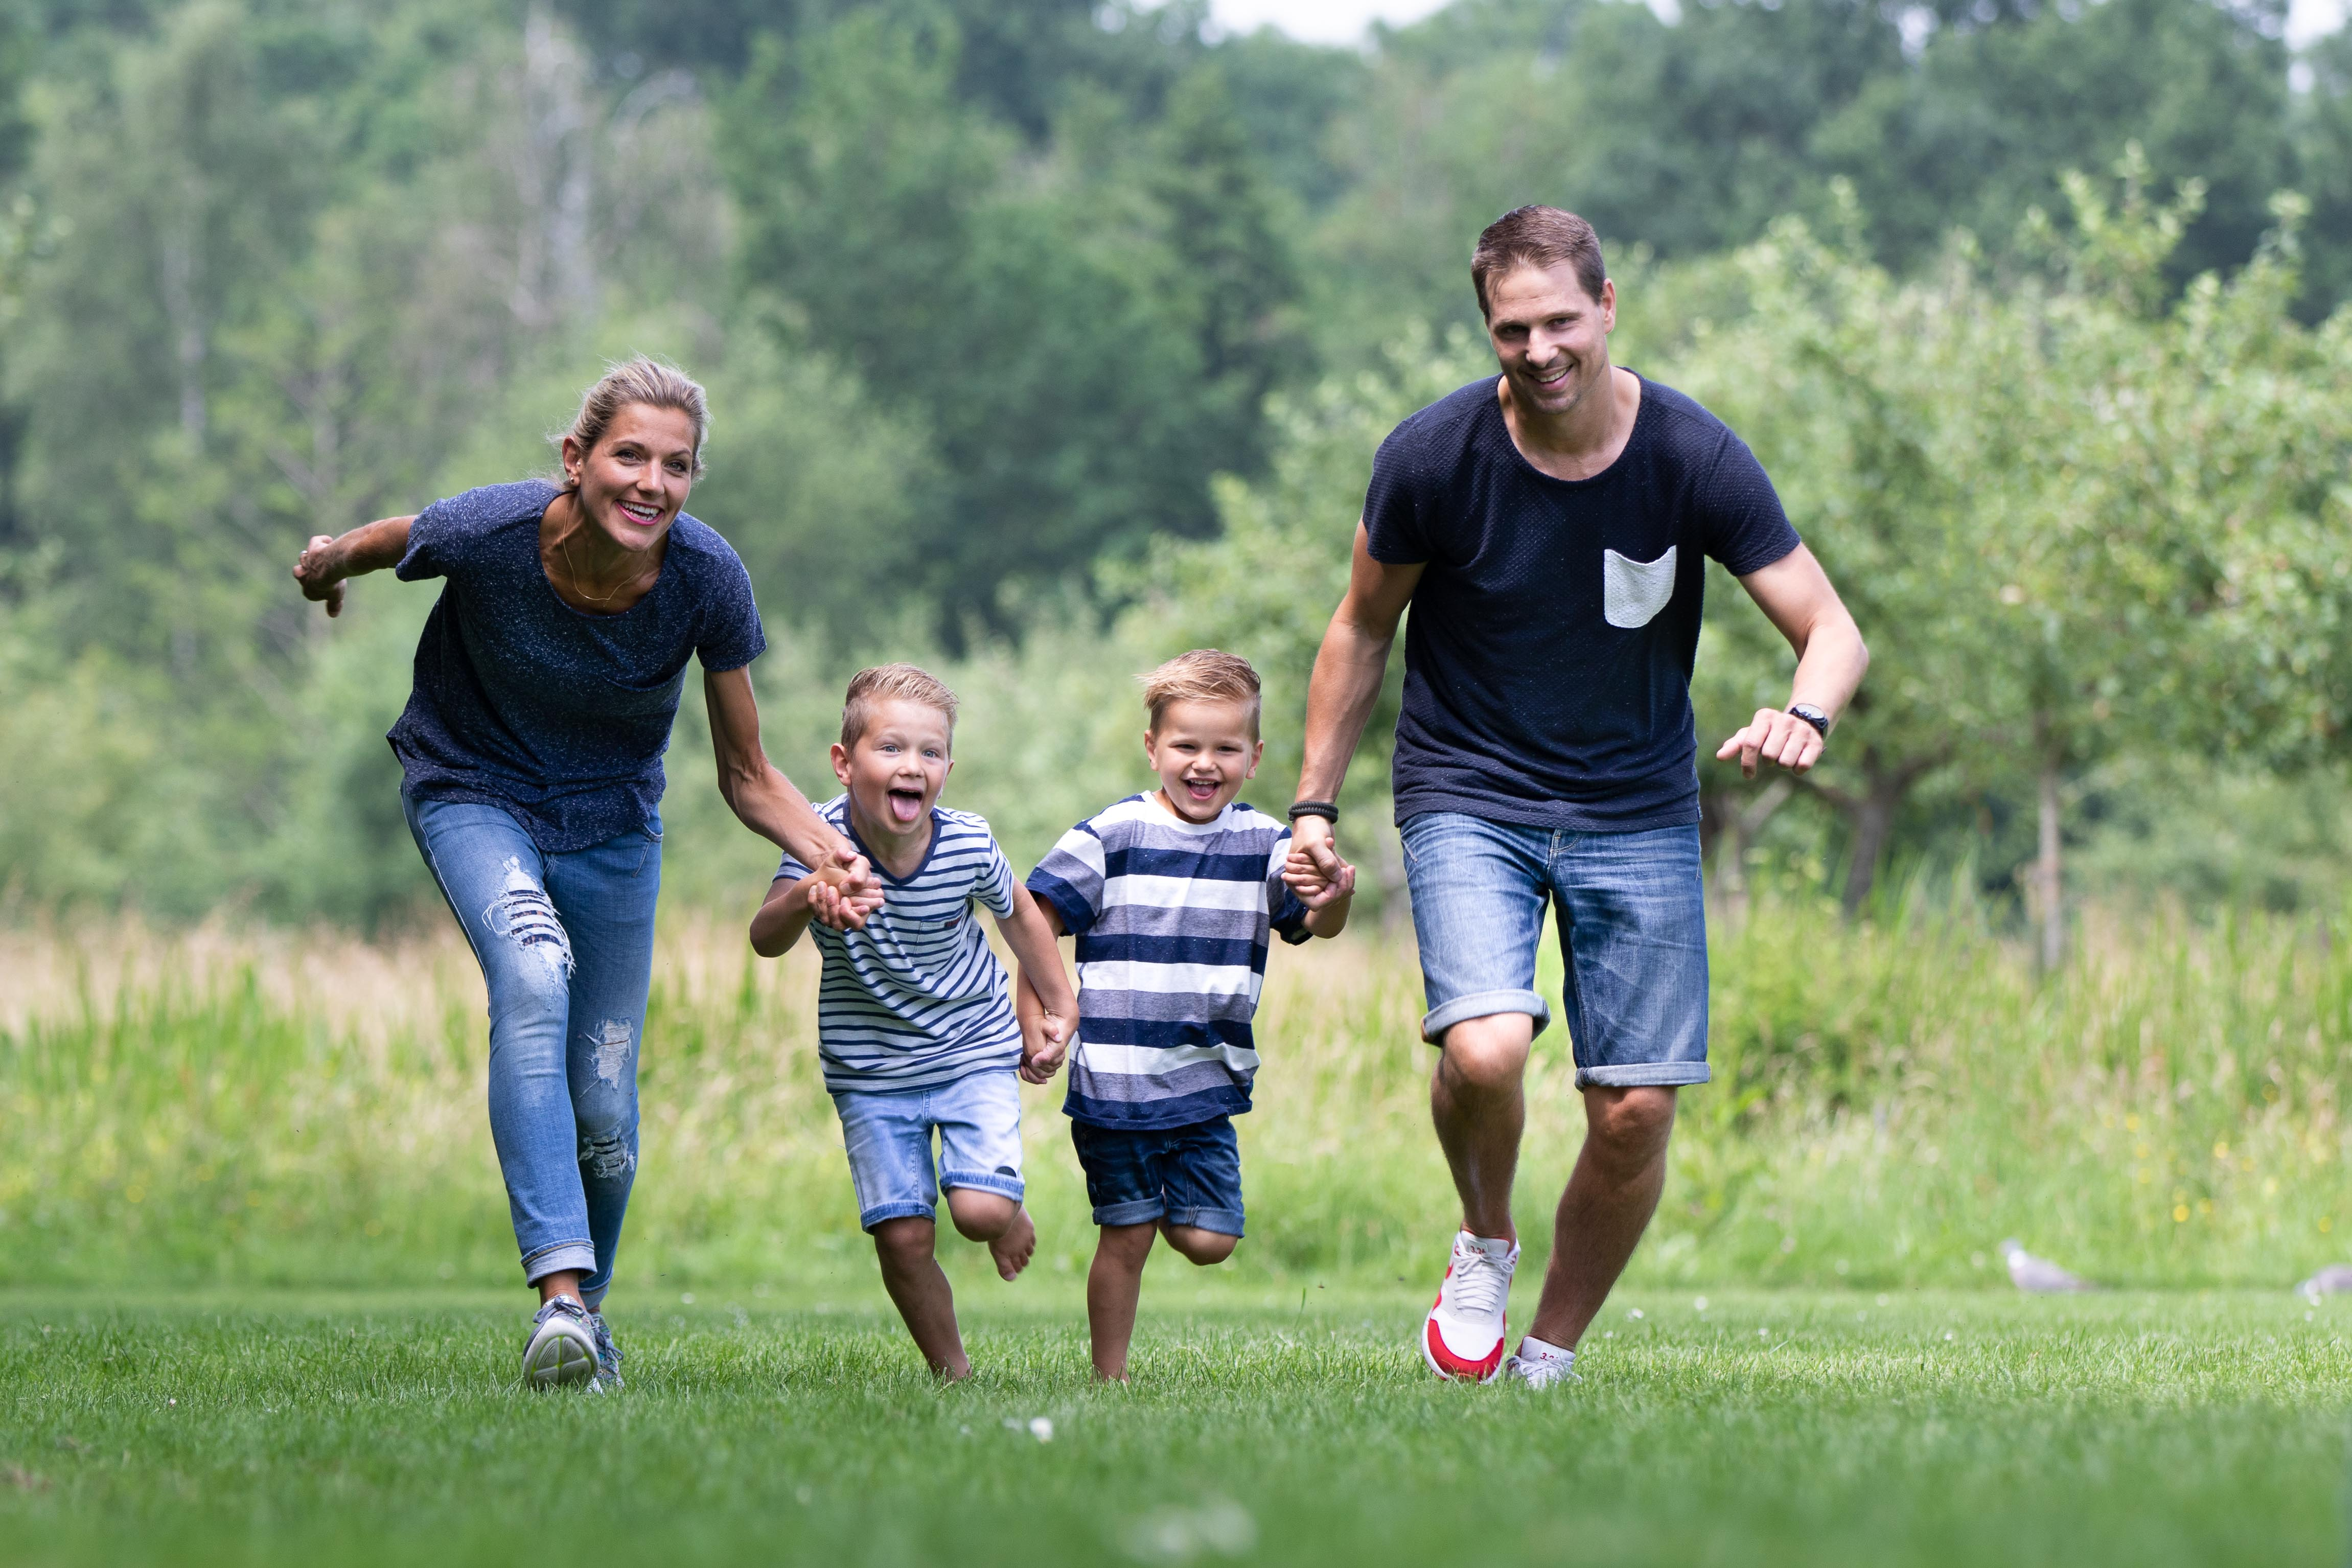 Marleen Verheul Fotografie, gezinsfotografie, kinderfotografie, gezin rent door het park